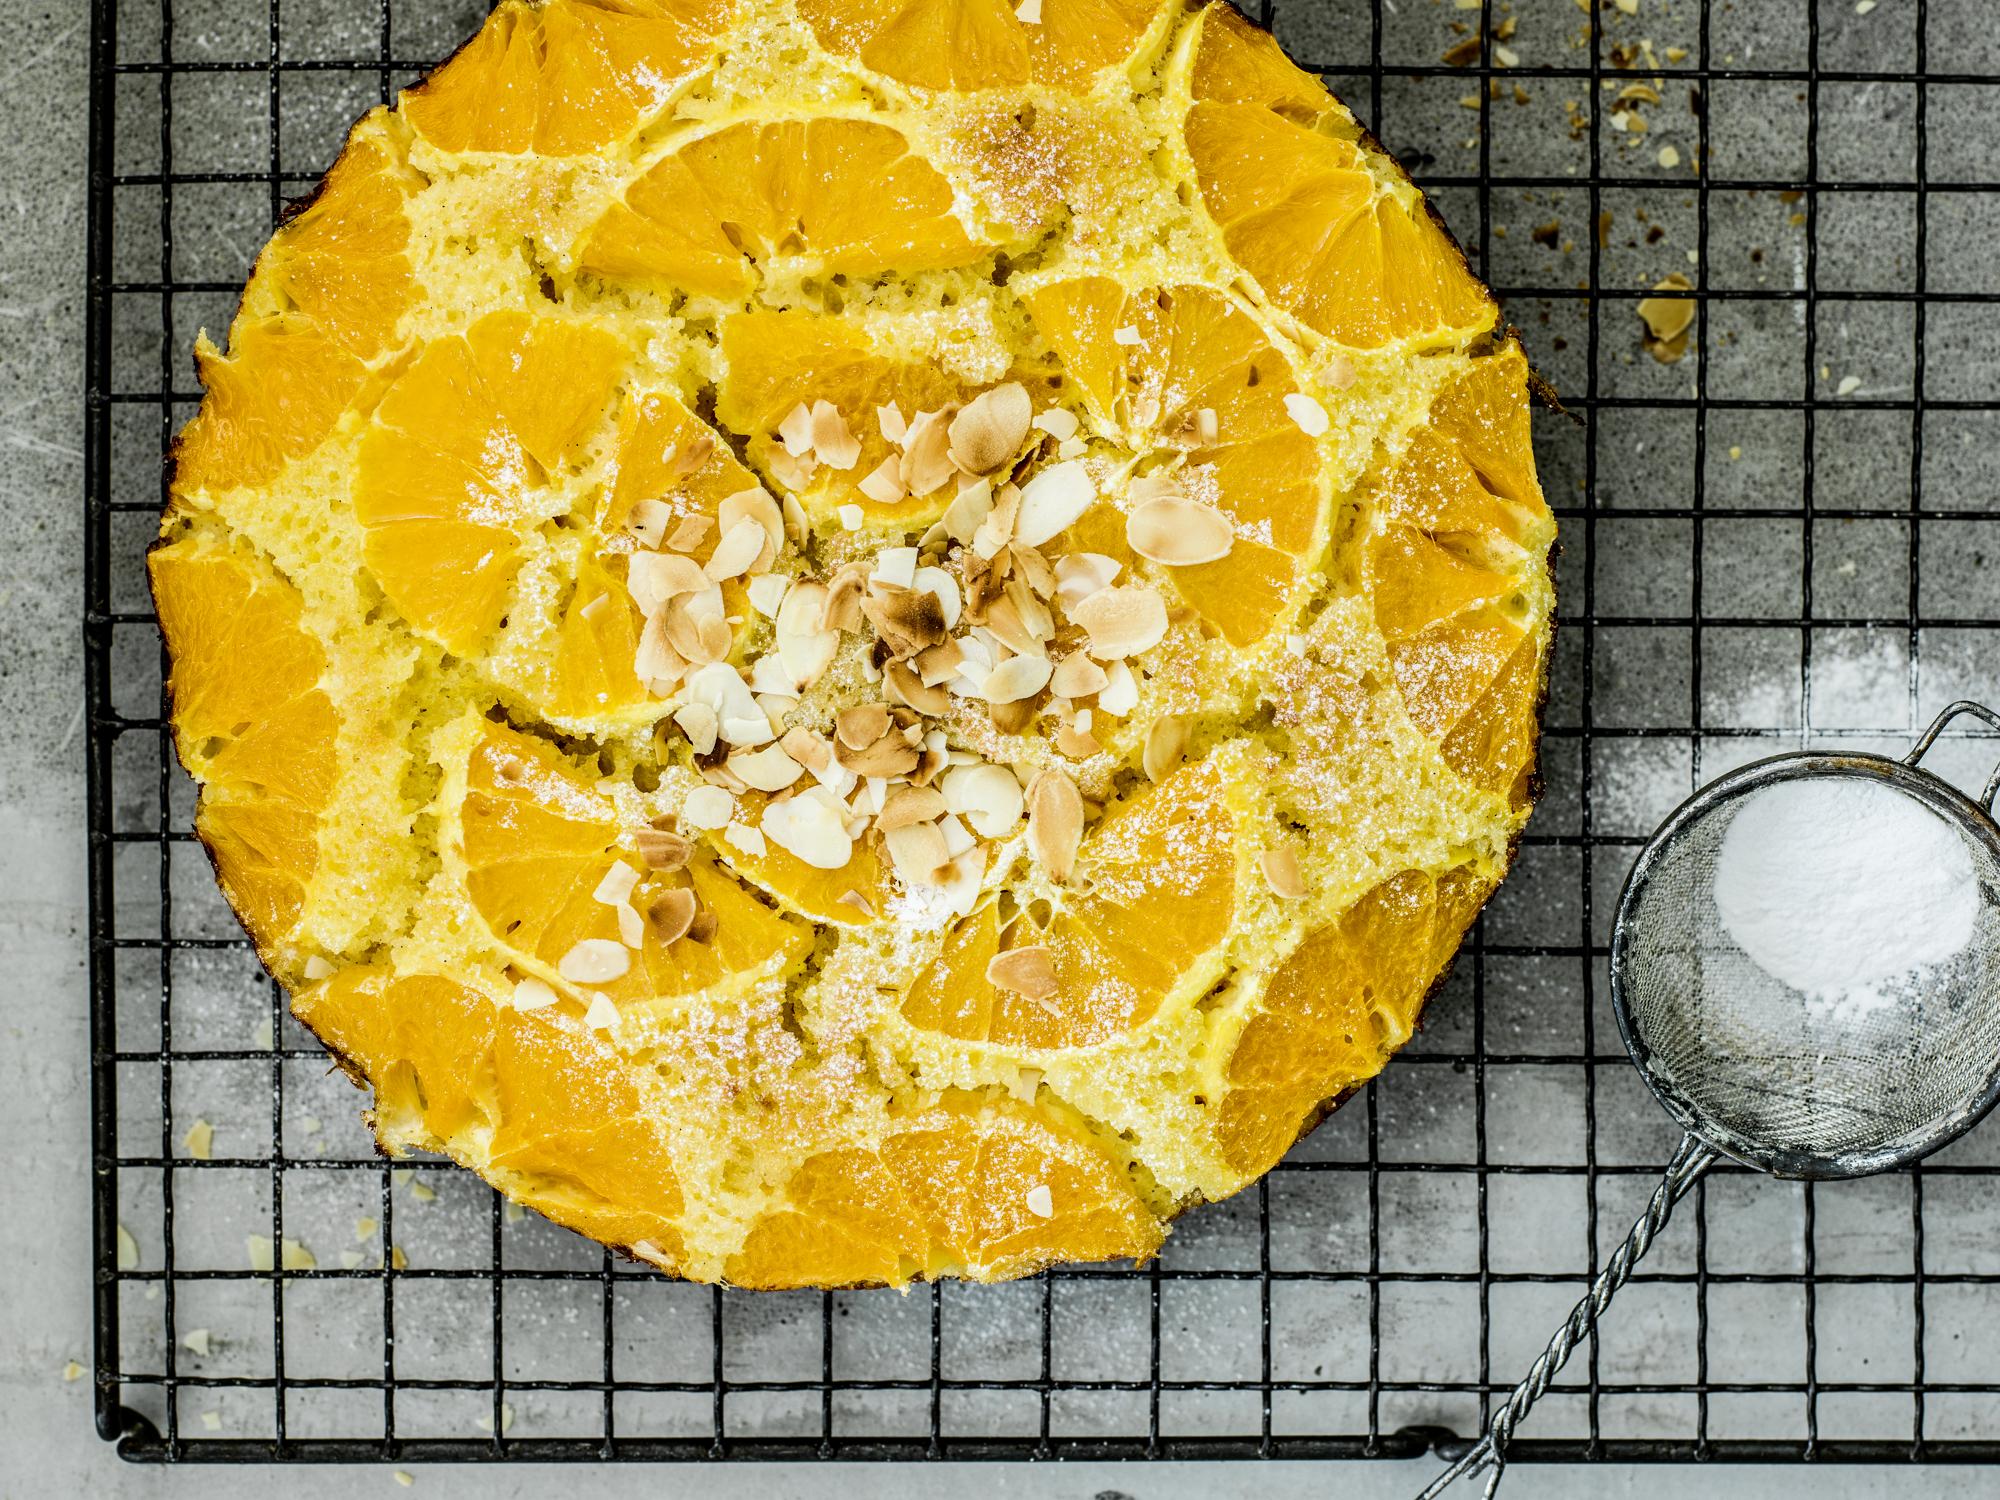 Food Fotoshooting | Stefan Schmidlin Fotografie Basel, Bild -9.jpg